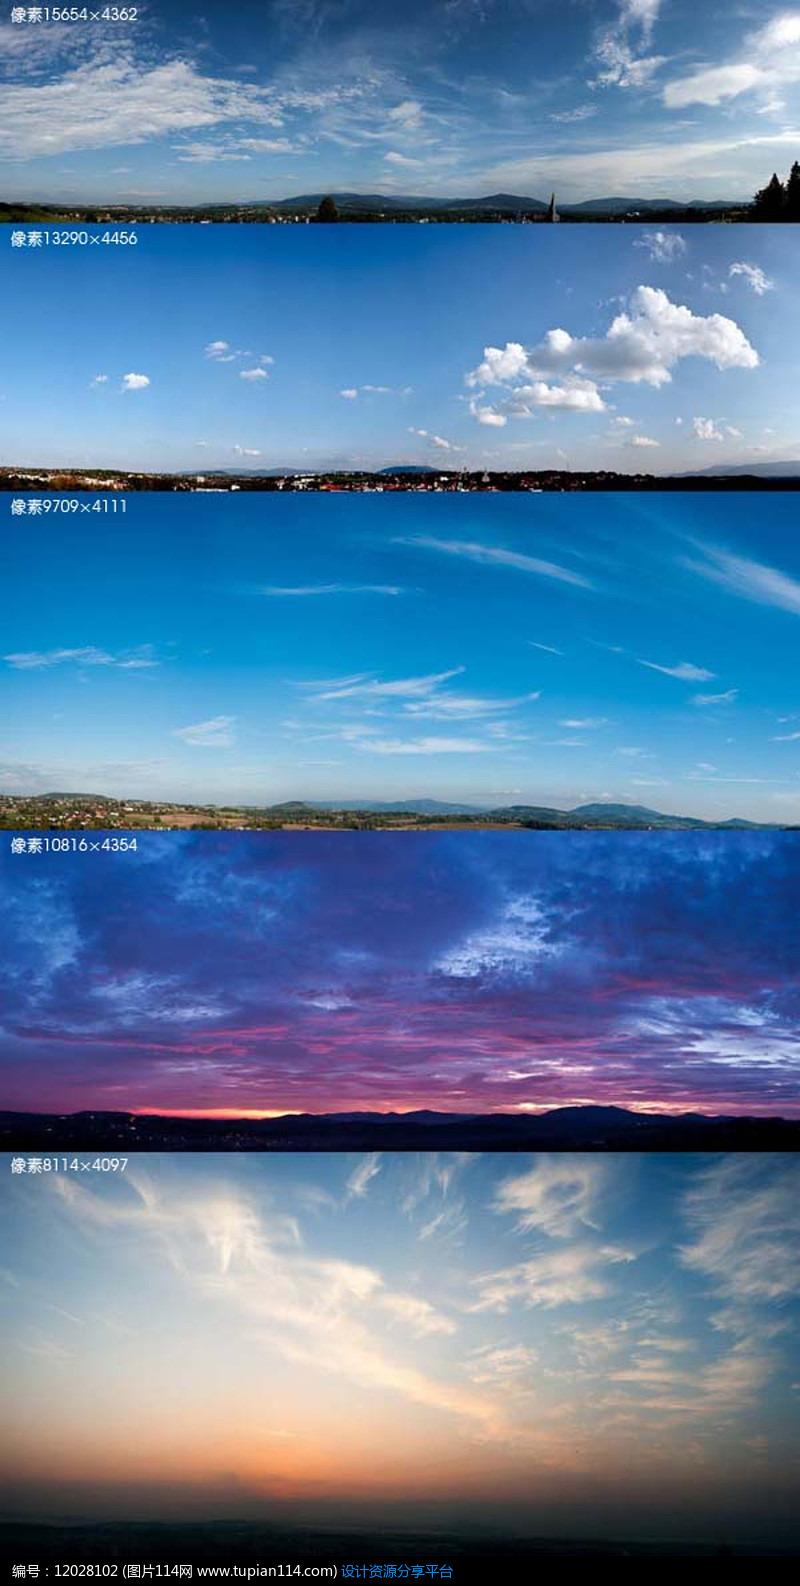 高清全景天空摄影图打包下载5张